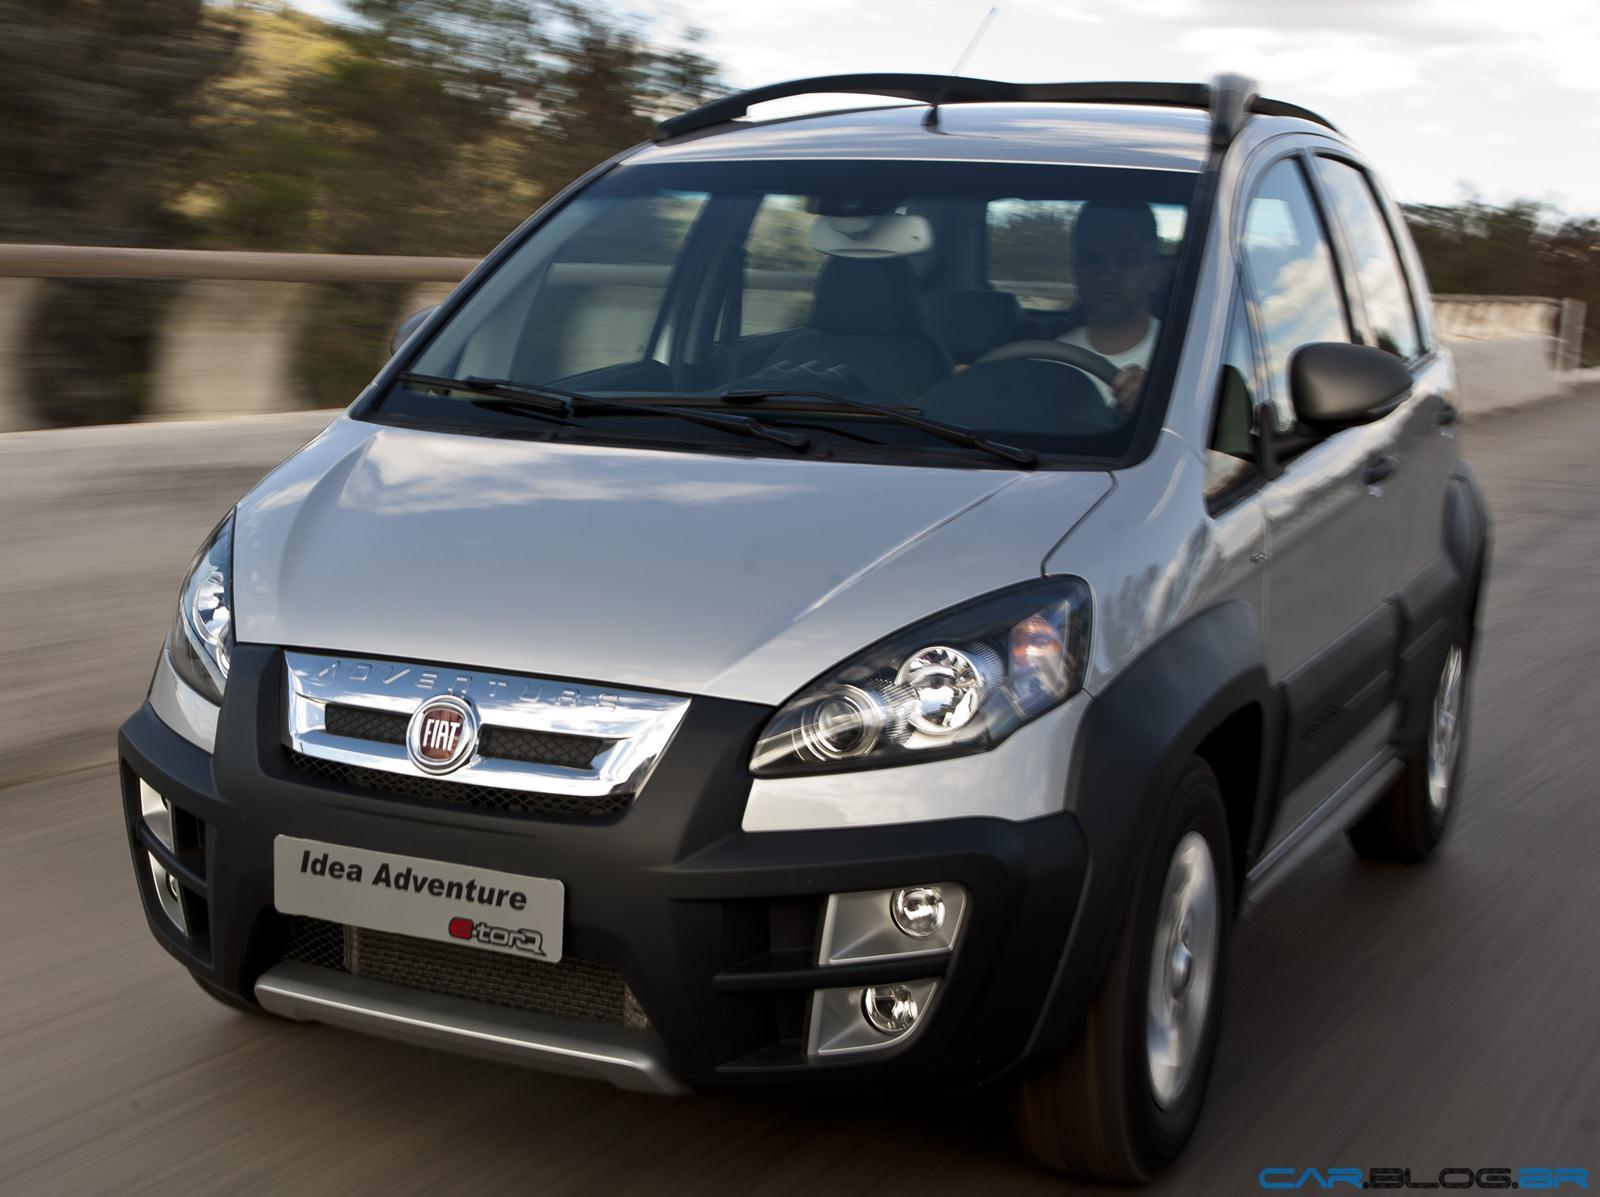 Auto blog modelos de carros da fiat variados for Fiat idea adventure modelo 2011